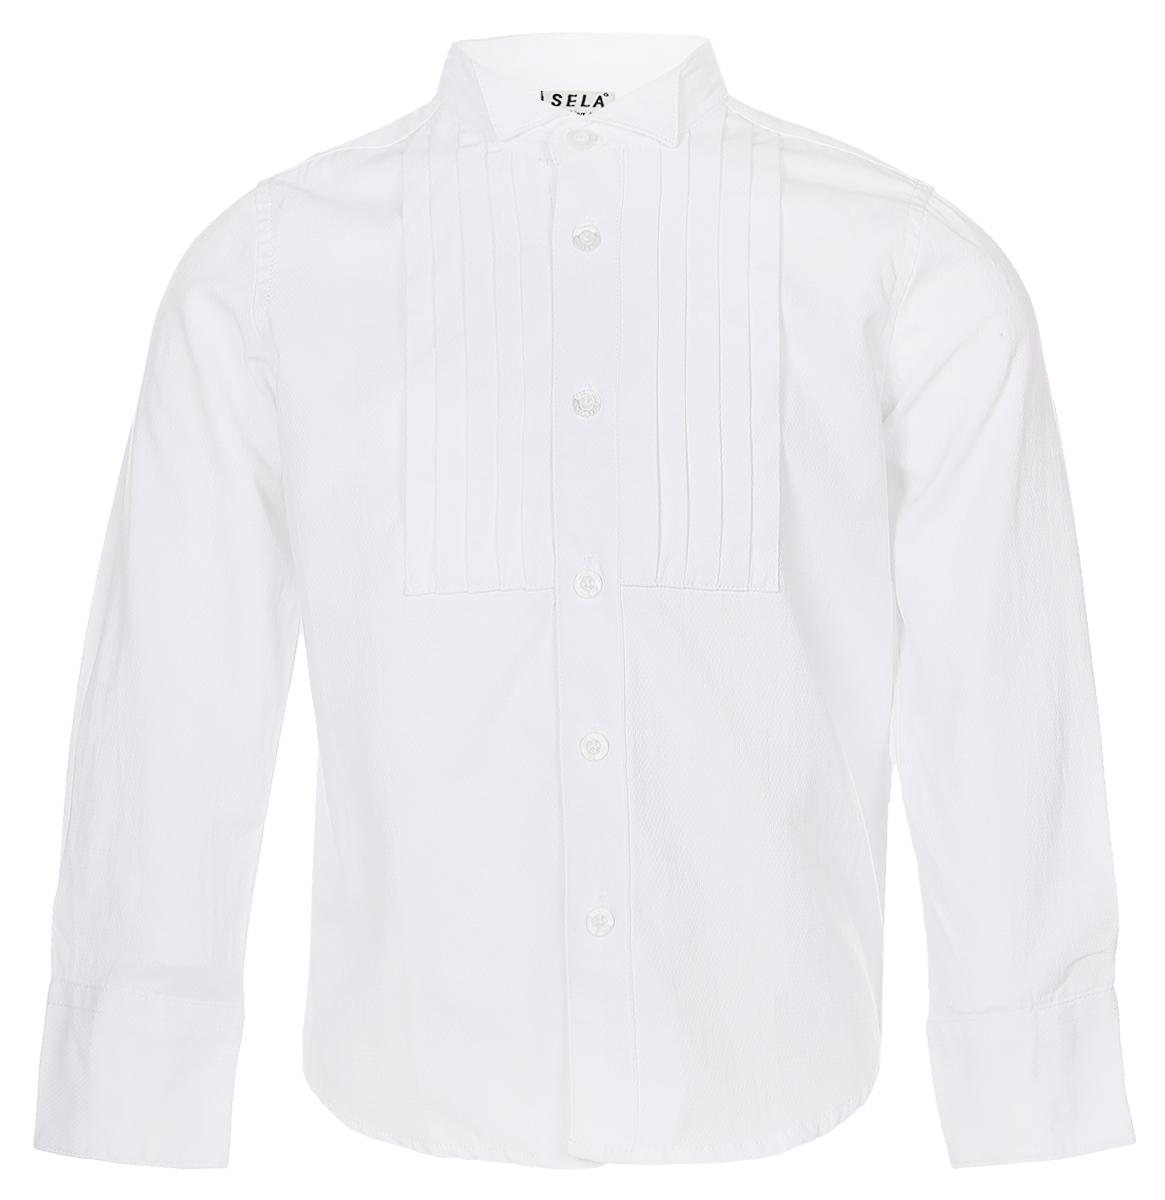 Рубашка для мальчика Sela, цвет: белый. H-712/447-6416. Размер 92, 2 годаH-712/447-6416Стильная рубашка для мальчика Sela изготовлена из качественного сочетания хлопка и полиэстера.Рубашка с длинными рукавами и воротником-стойкой застегивается на пластиковые пуговицы по всей длине. Манжеты рукавов также застегиваются на пуговицы. Классическая однотонная рубашка оформлена спереди горизонтальными складочками.